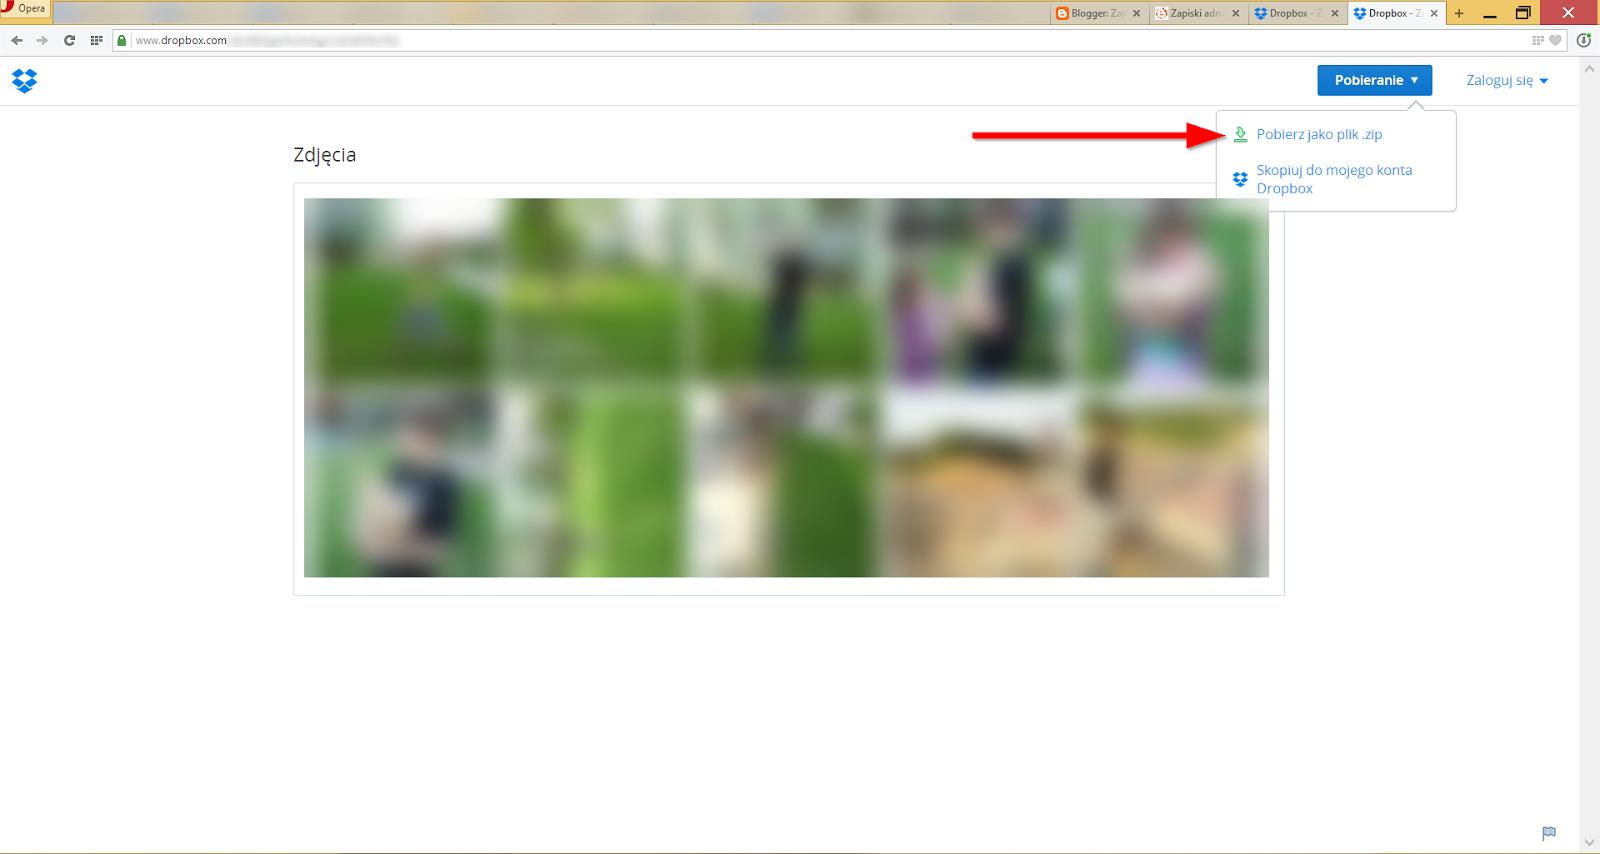 Strona WWW z udostępnionymi przez nas zdjęciami. Dane wrażliwe zostały zamazane :)